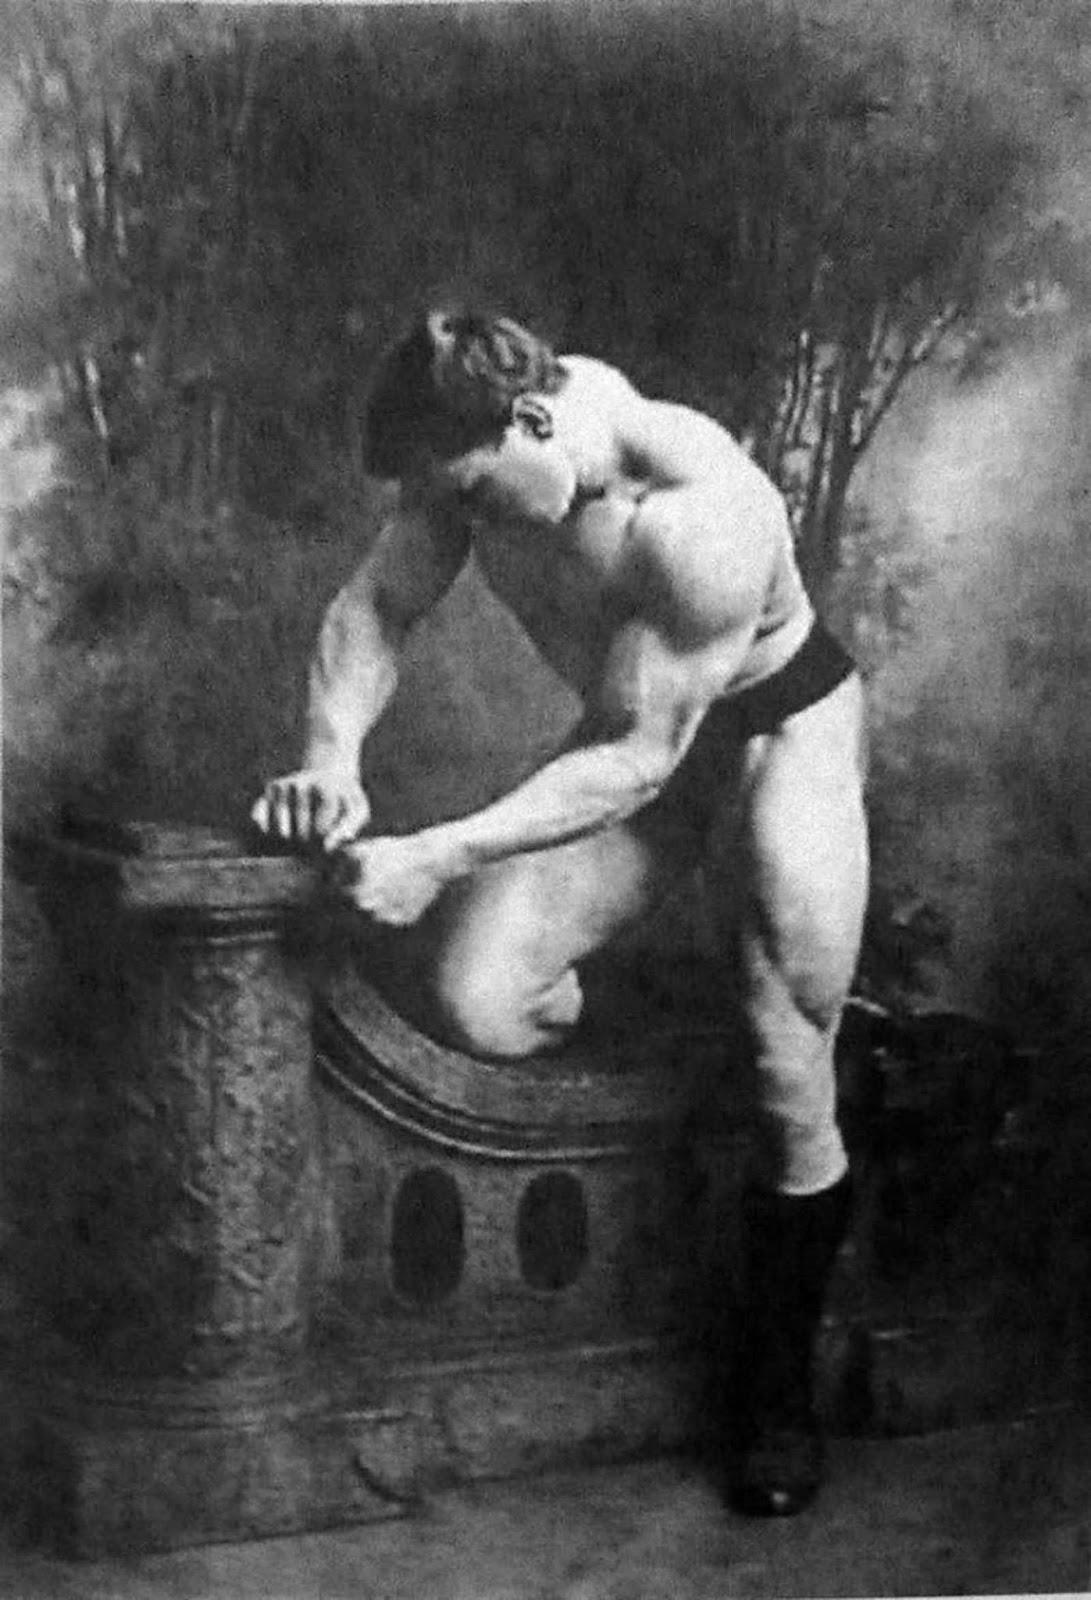 George Hackenschmidt, alrededor de 1900. Se cree que es el creador de la versión de lucha profesional del abrazo de oso, así como la persona que popularizó la piratería, un peso muerto con brazos detrás del cuerpo.